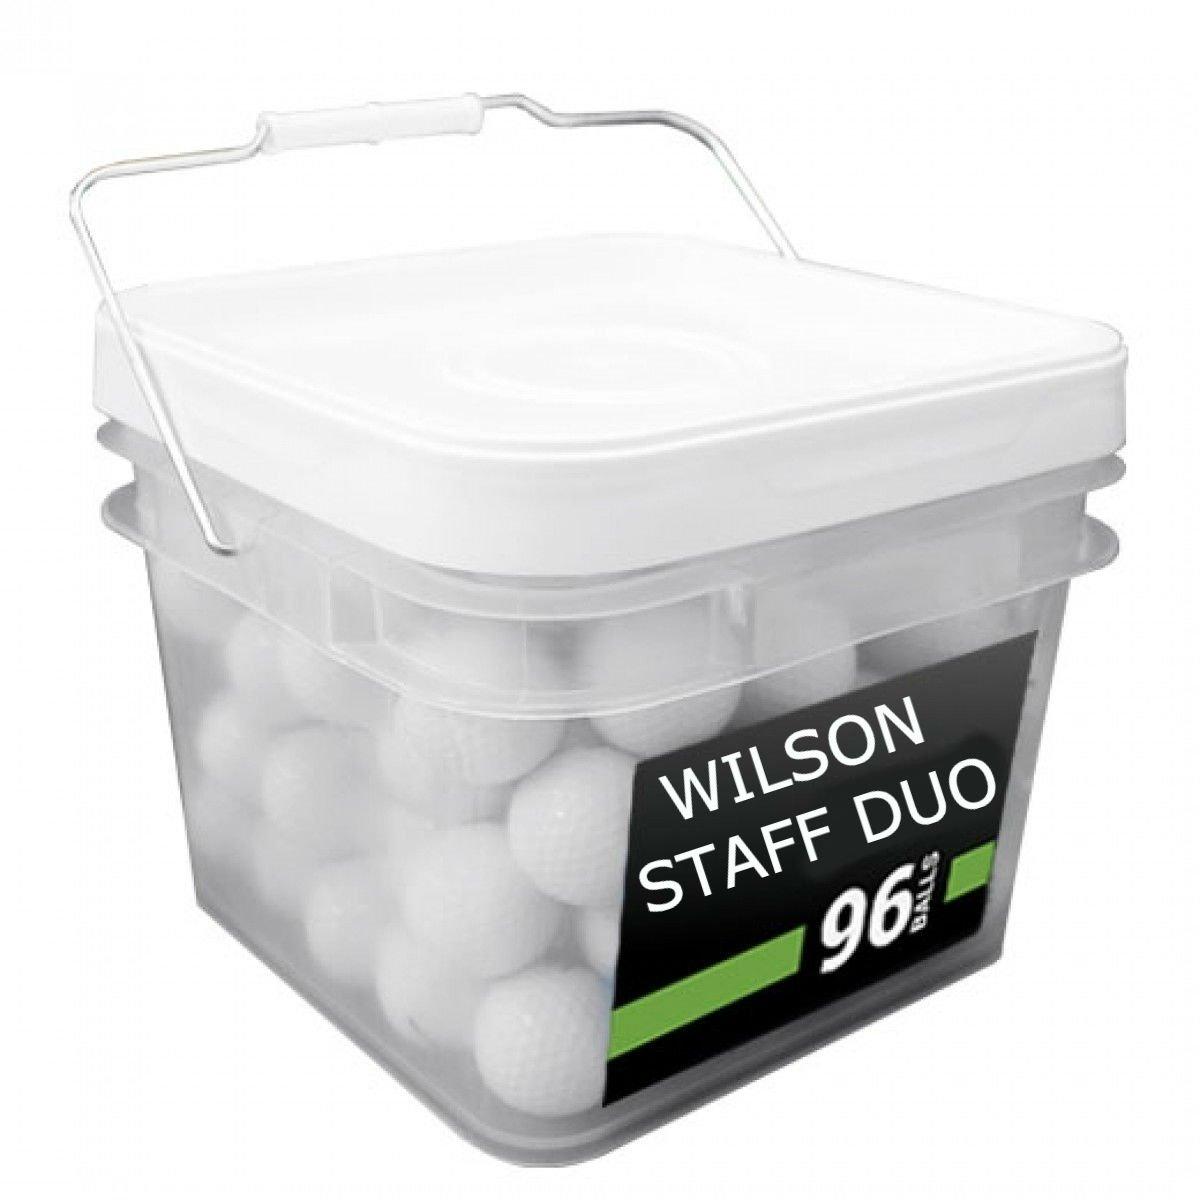 ウィルソンDuo Good品質ゴルフボール( 96パック   B077Q6BTFK